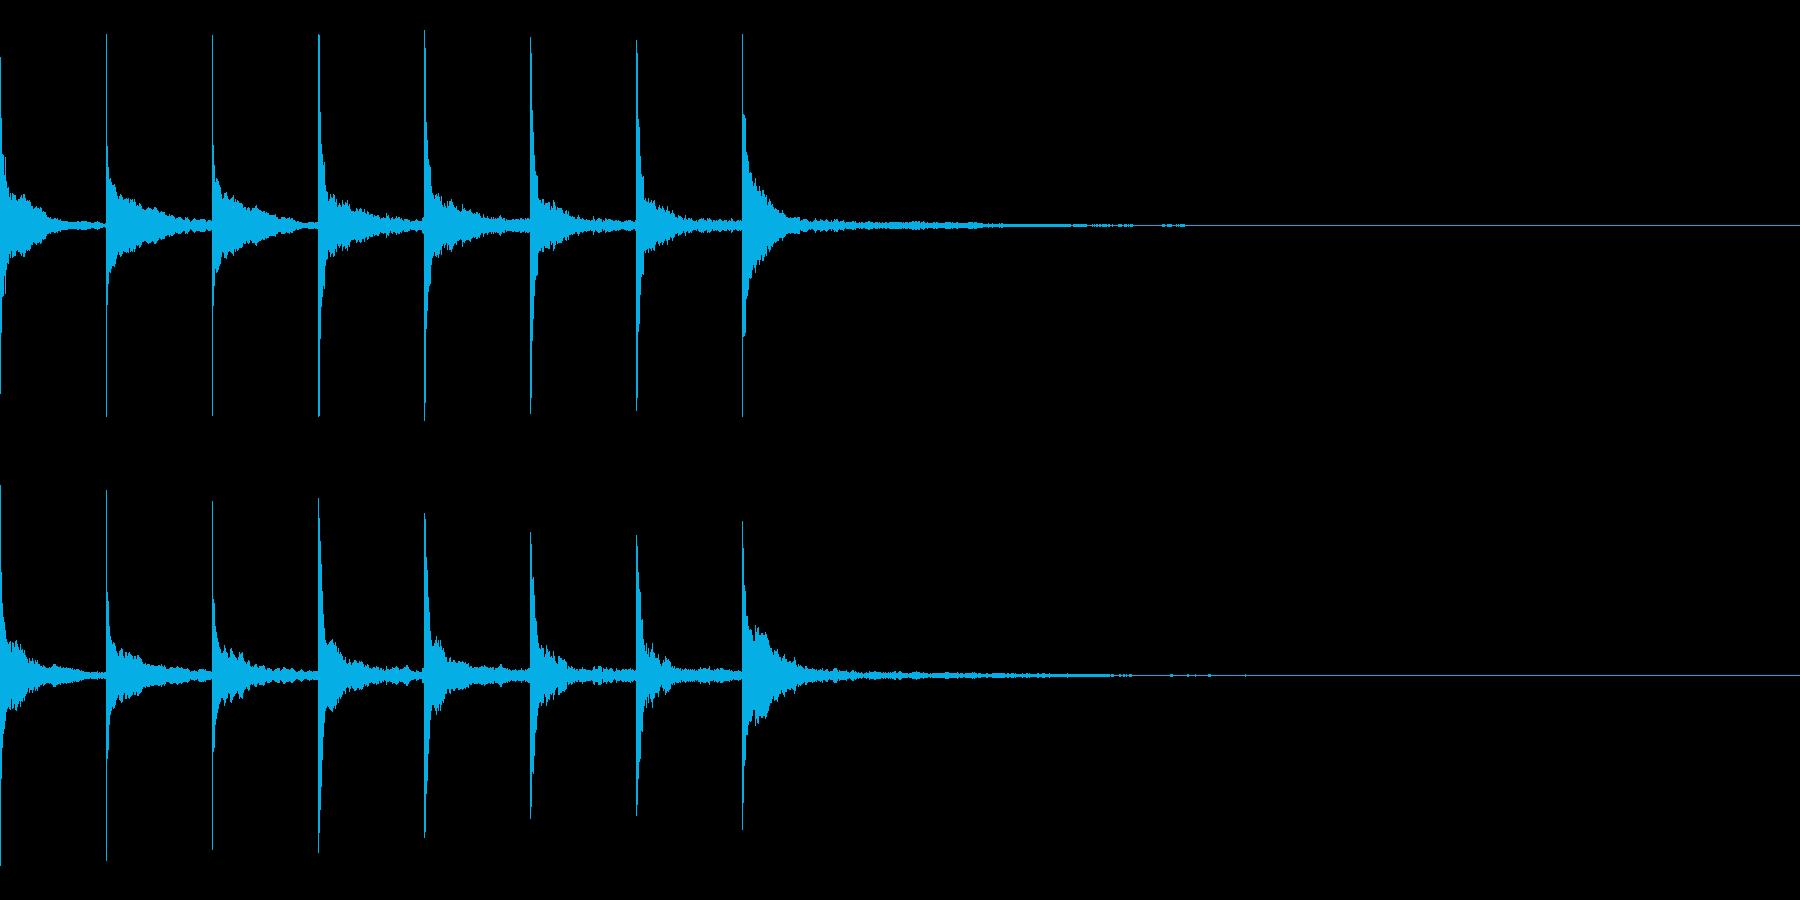 トントントントン・・・(上がり系)の再生済みの波形